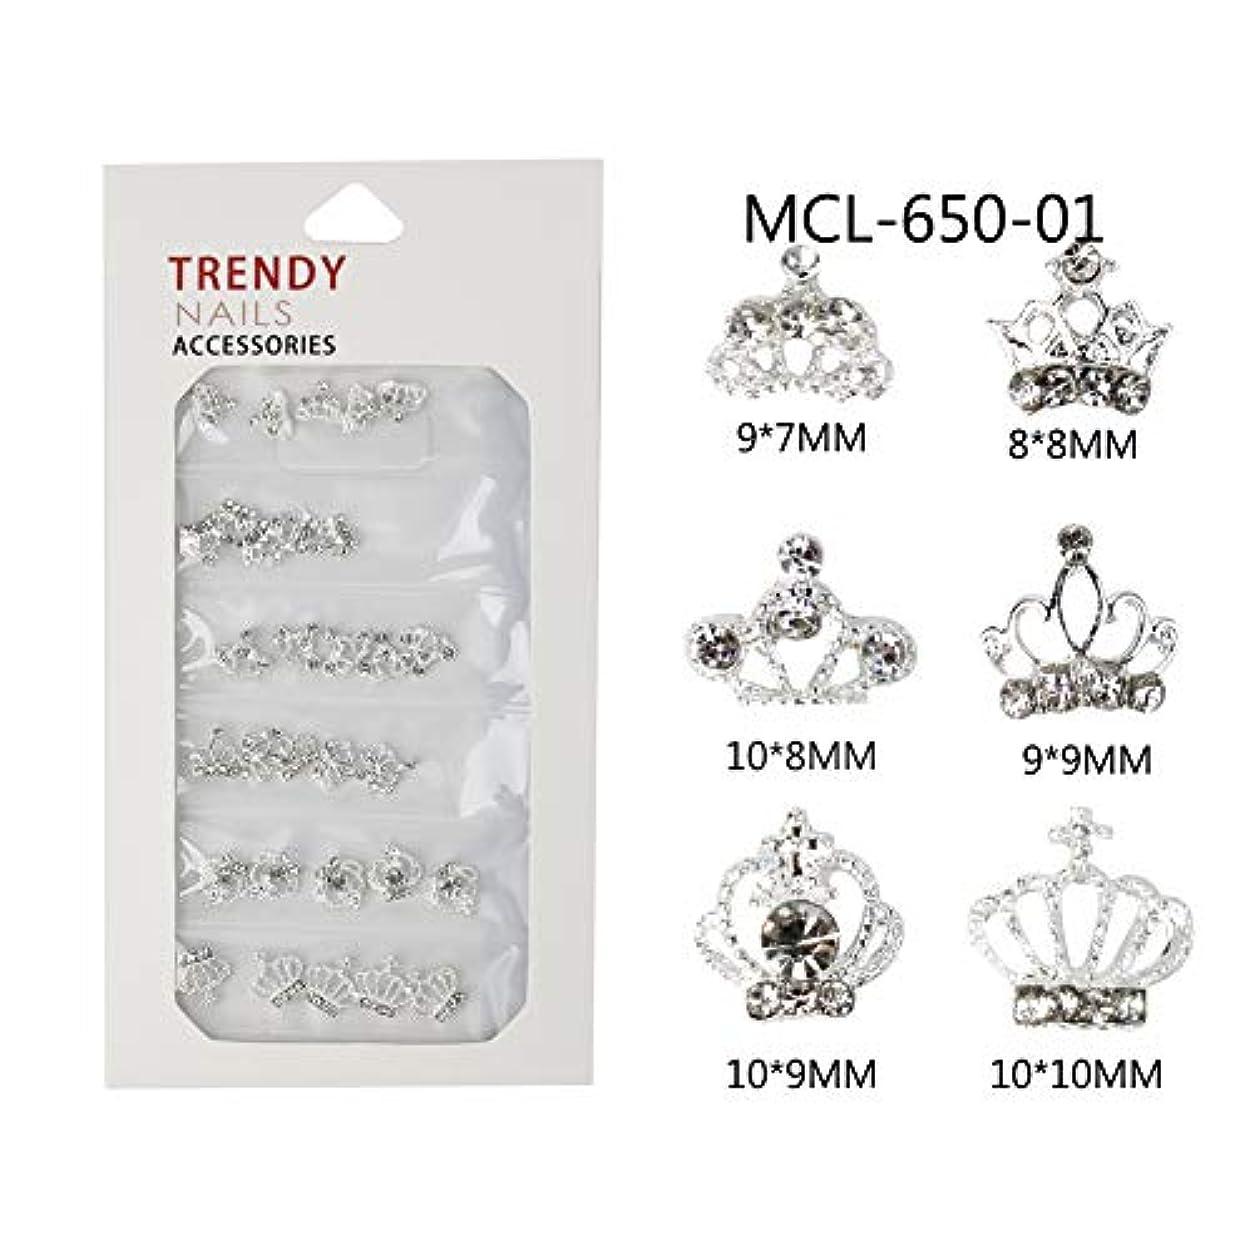 メーリンドス ジュエリーネイルアートデザインパーツ バタフライ 蝶 スタッズとクリスタル合わせて 宝石のような3Dネイルパーツ 30個/本 (01)